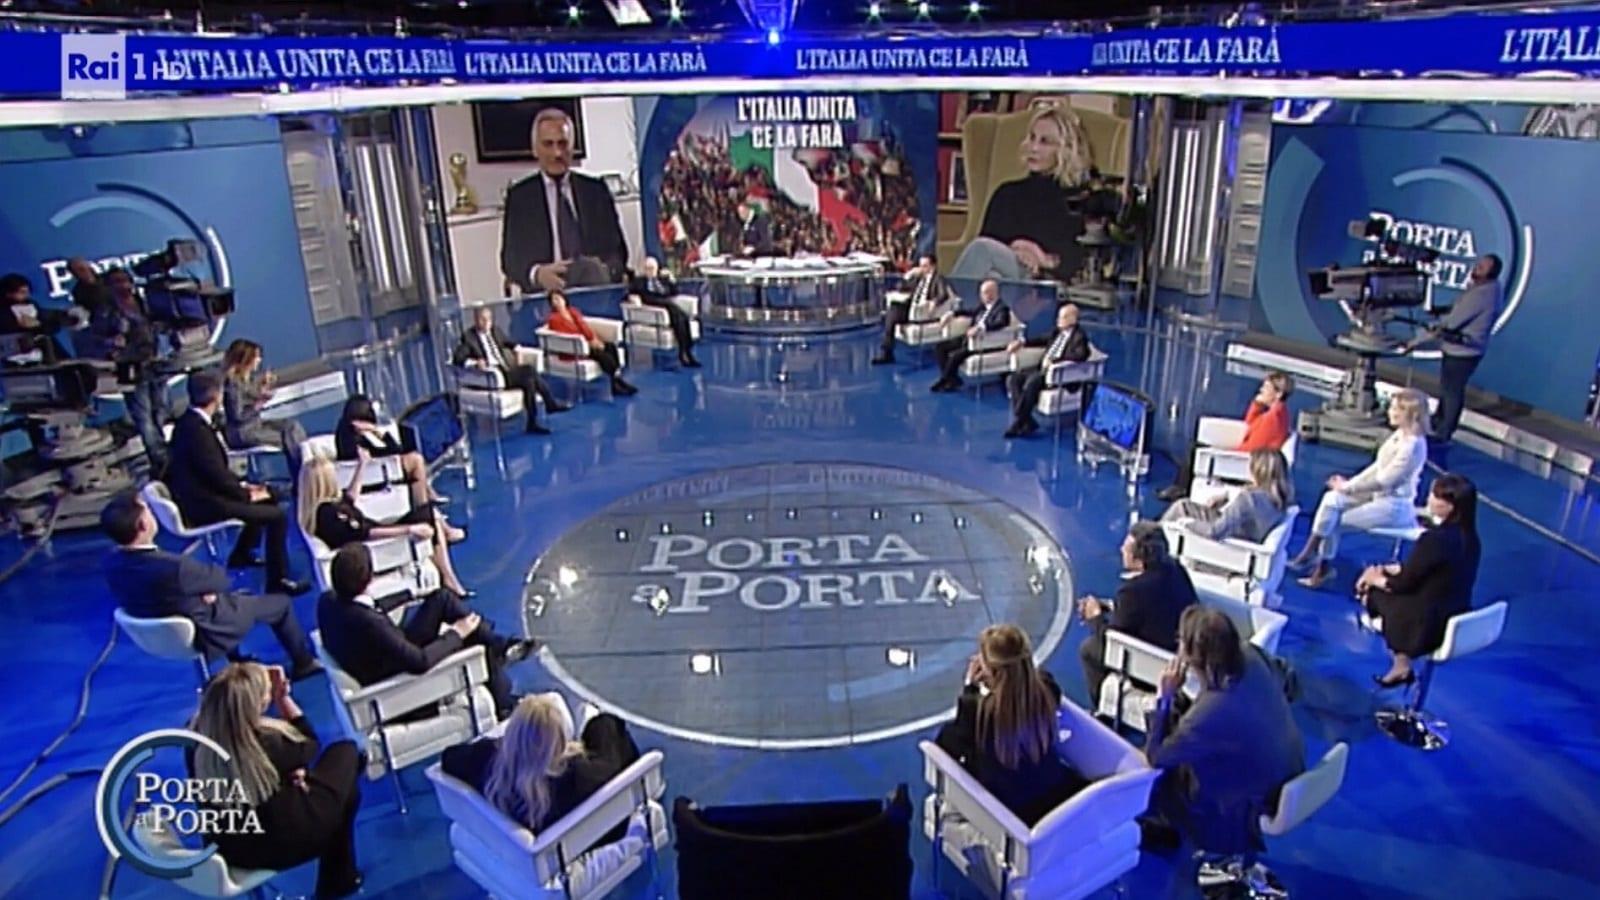 """AscoltiTV 6 marzo 2020 · Dati Auditel di venerdì: Tra Amici effetto prove generali e Porta a Porta effetto """"geni incompresi"""", la finale di IGT su TV8"""